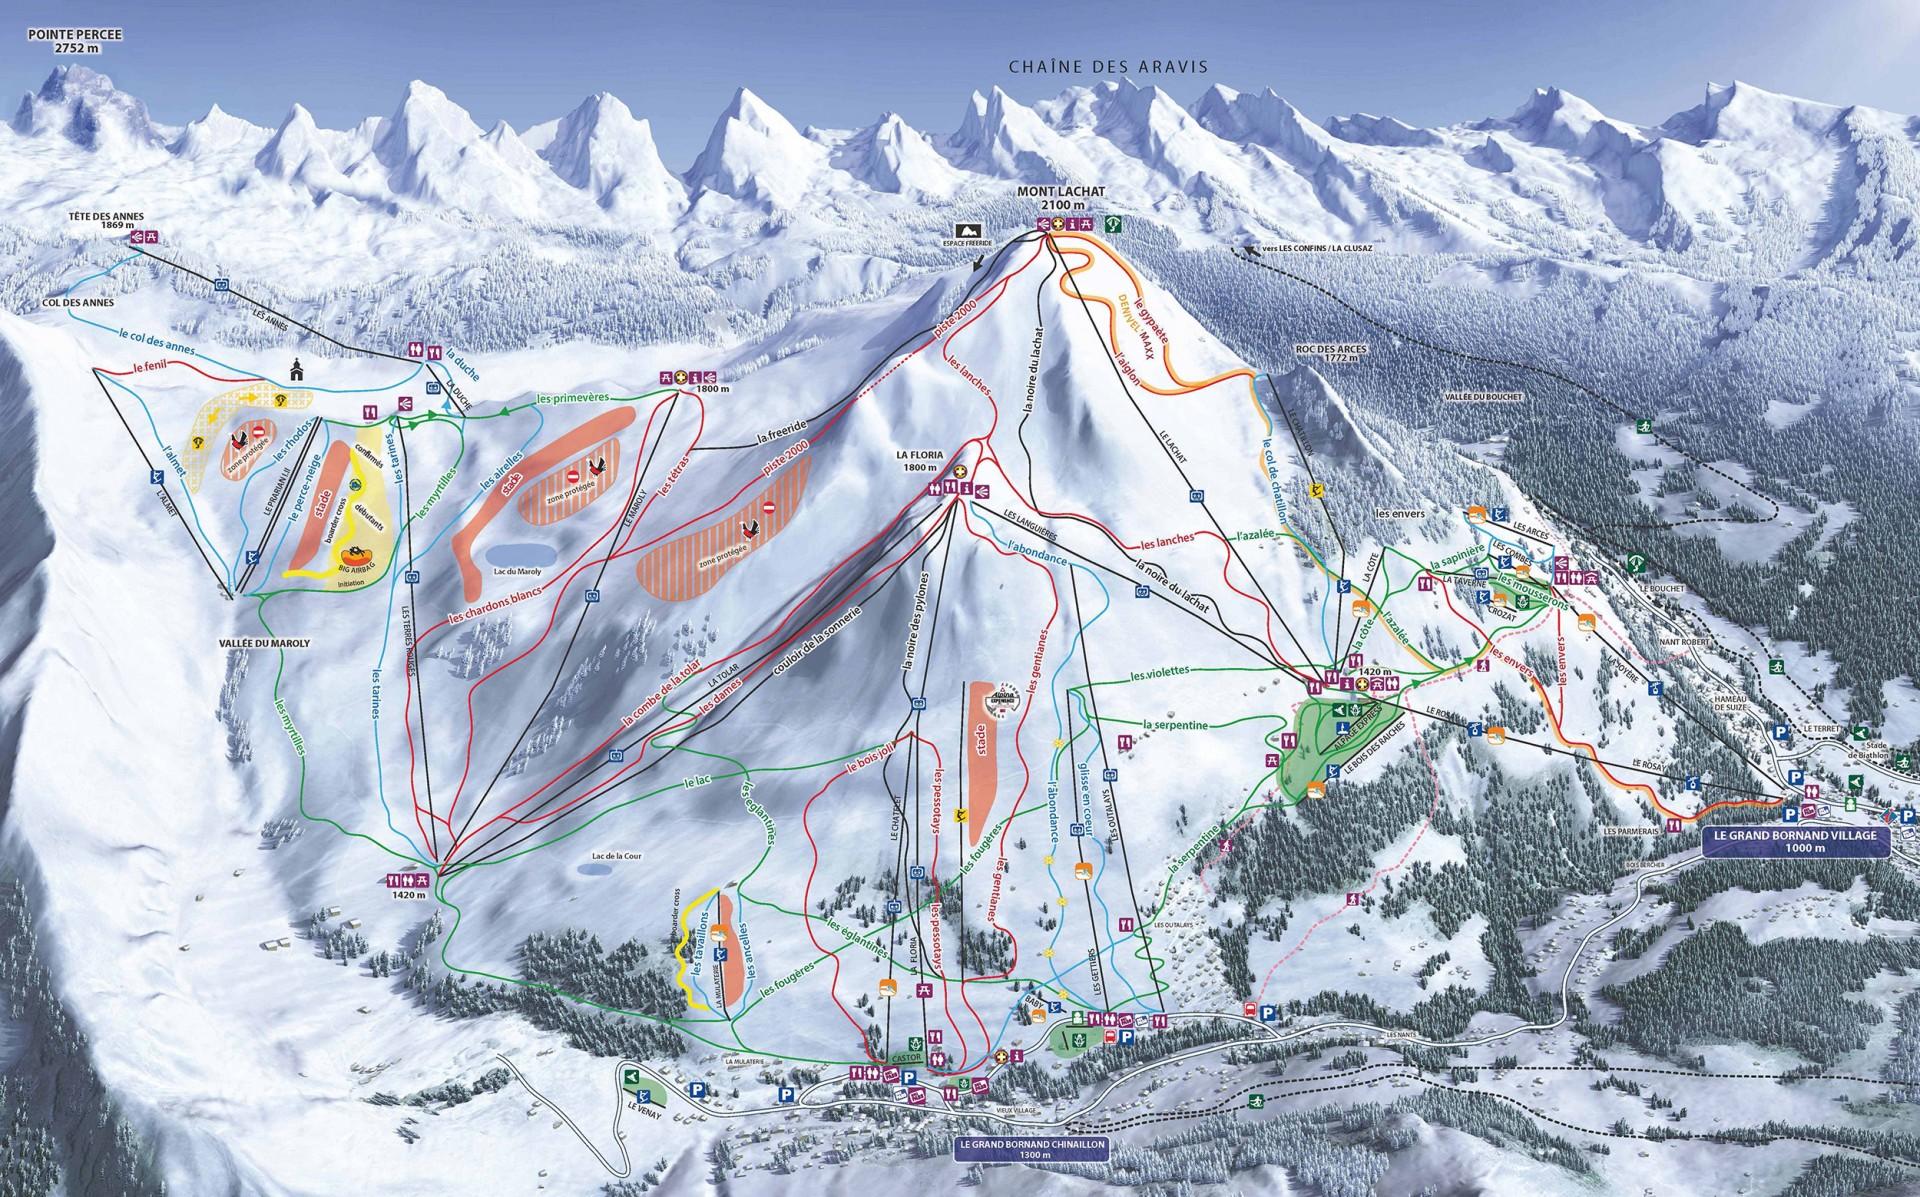 Plan des pistes du domaine skiable alpin Le Grand-Bornand